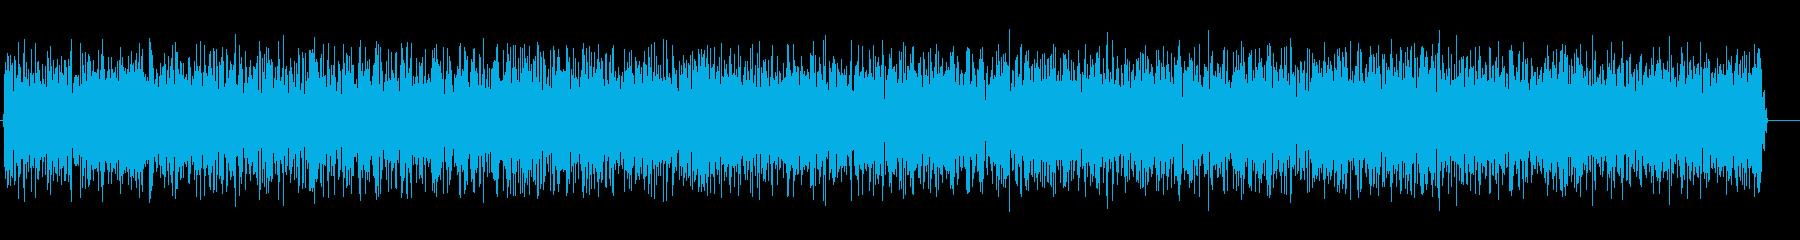 ザーッ(一定のノイズ)の再生済みの波形